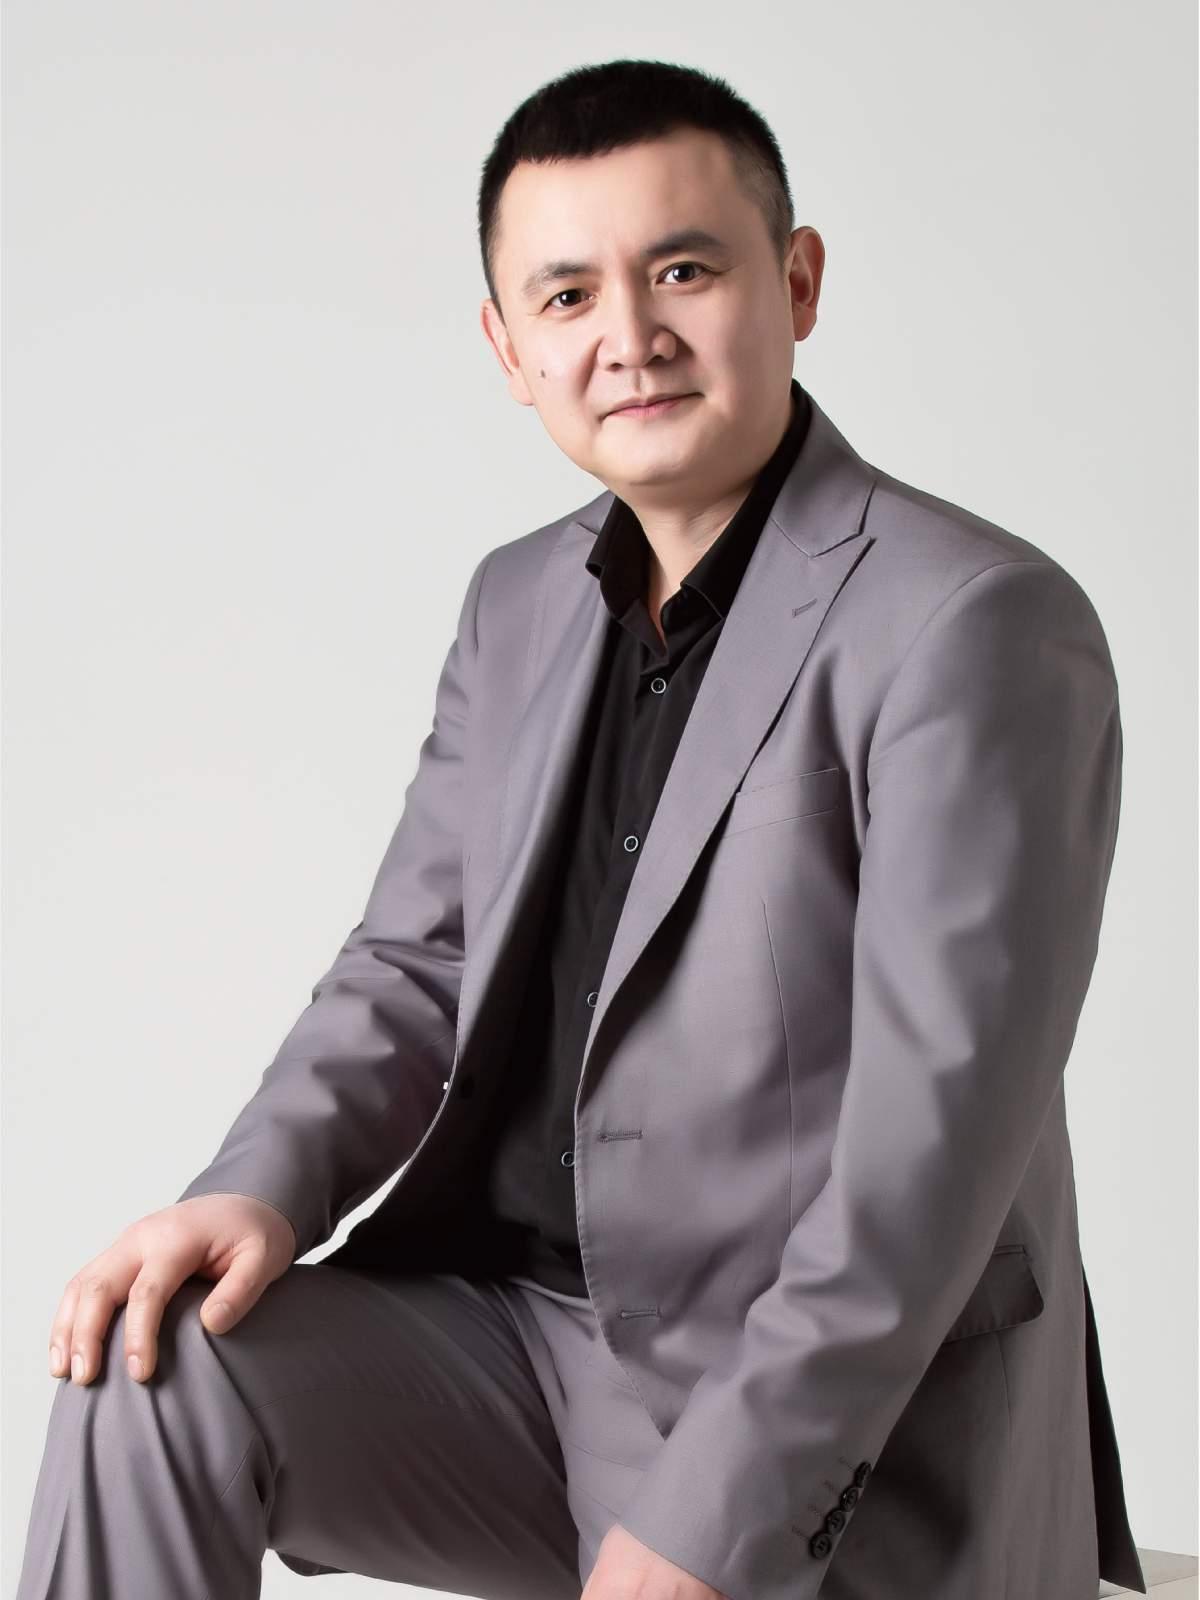 新疆,烏魯木齊,昌吉,五家渠裝修設計師尚層空間|首席設計師|彭青山